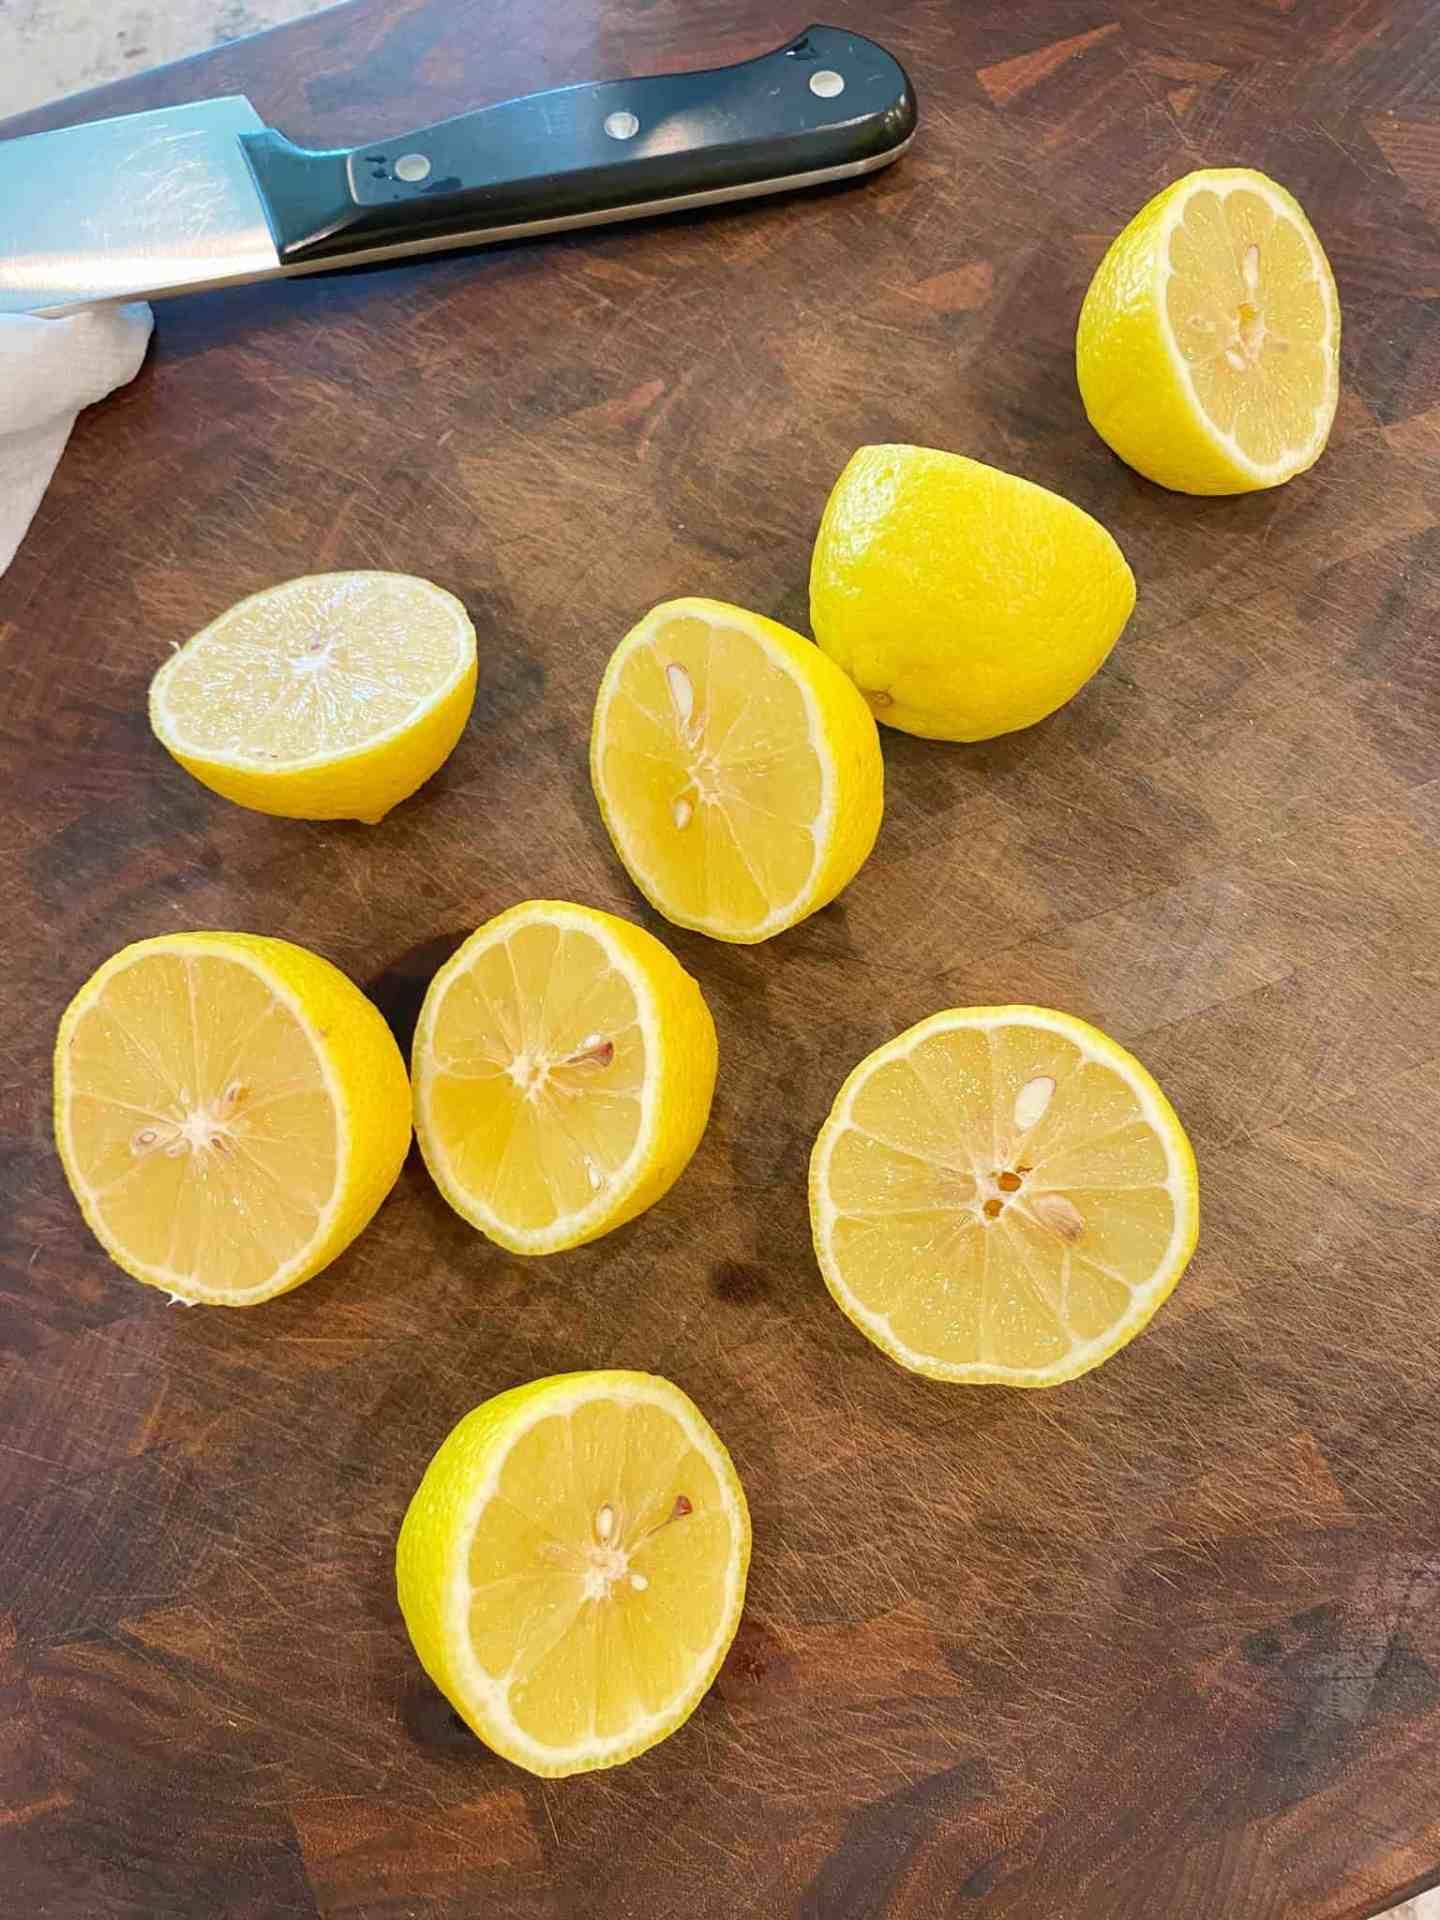 lemon-for-boiling-shrimp